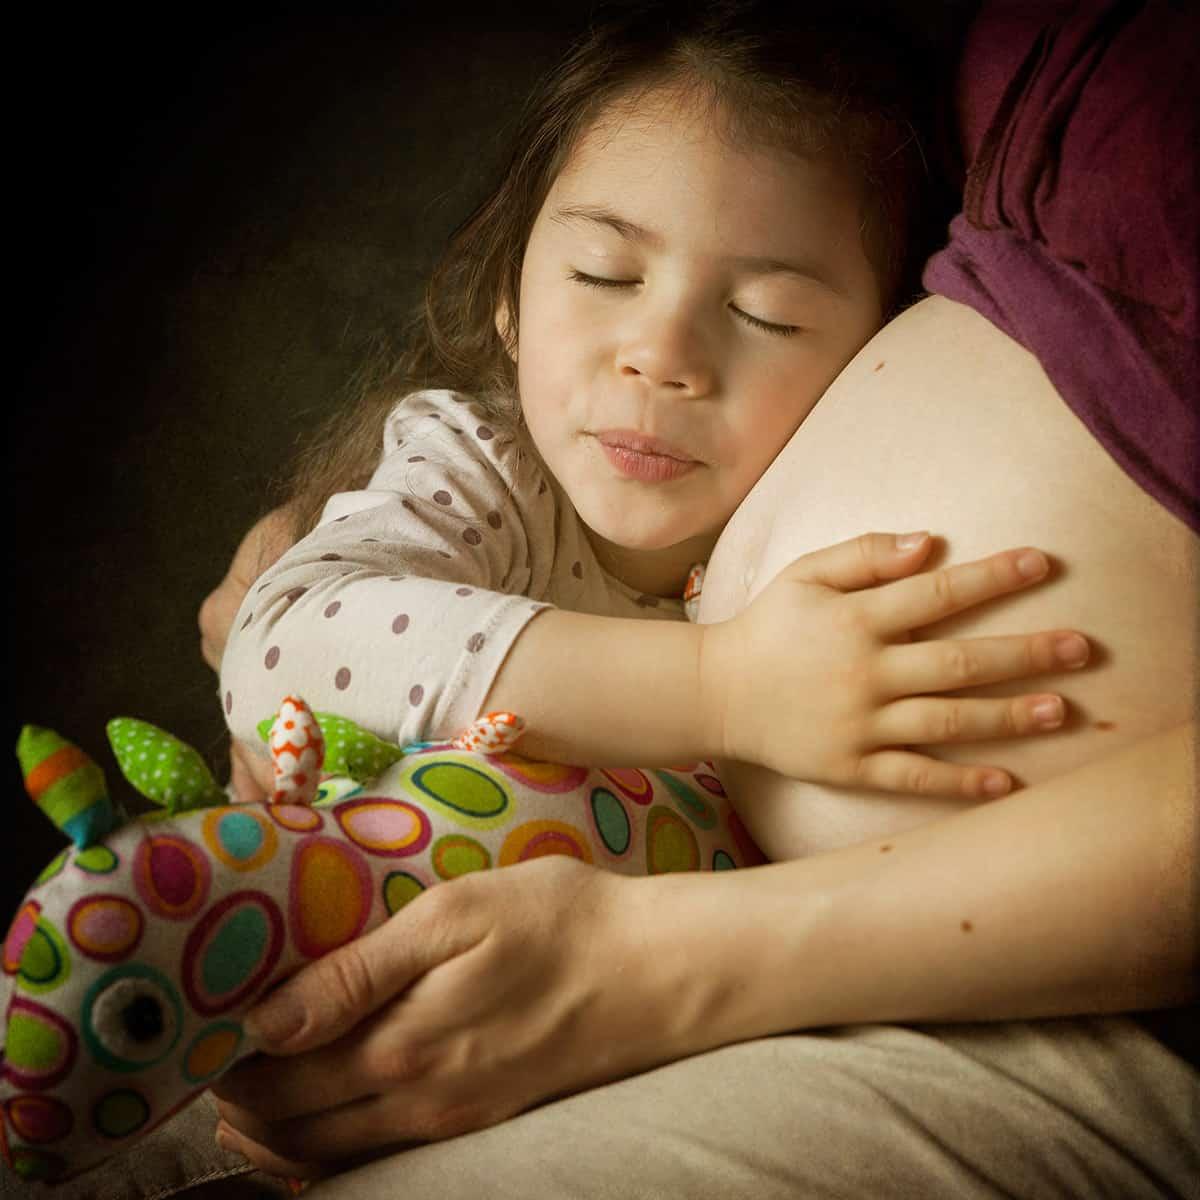 zwangerschapsfotografie fotograaf bolle buik zwanger fotostudio Nieuw-Vennep Getsewoud Hoofddorp Lisse